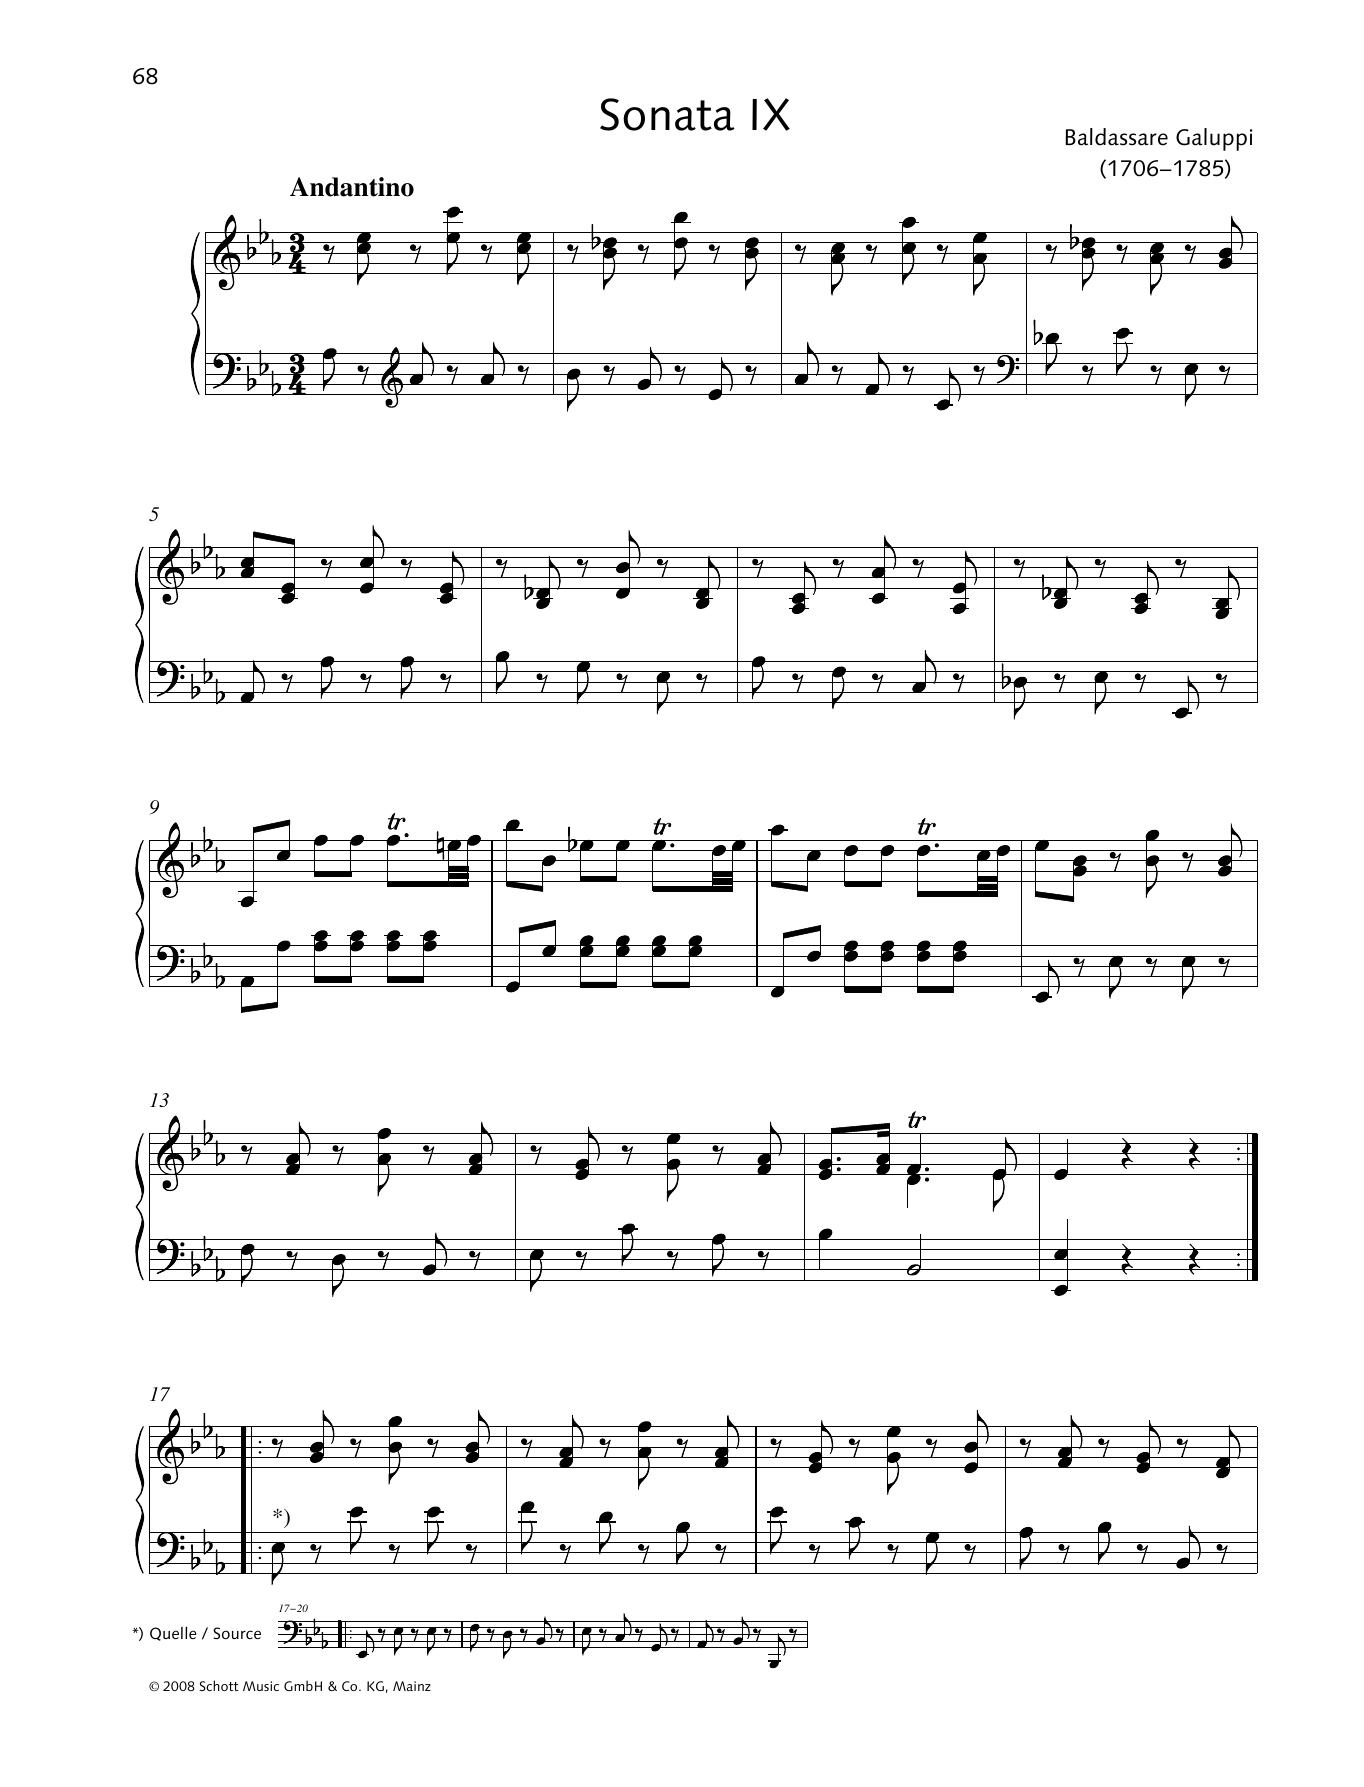 Sonata IX E-flat major Sheet Music